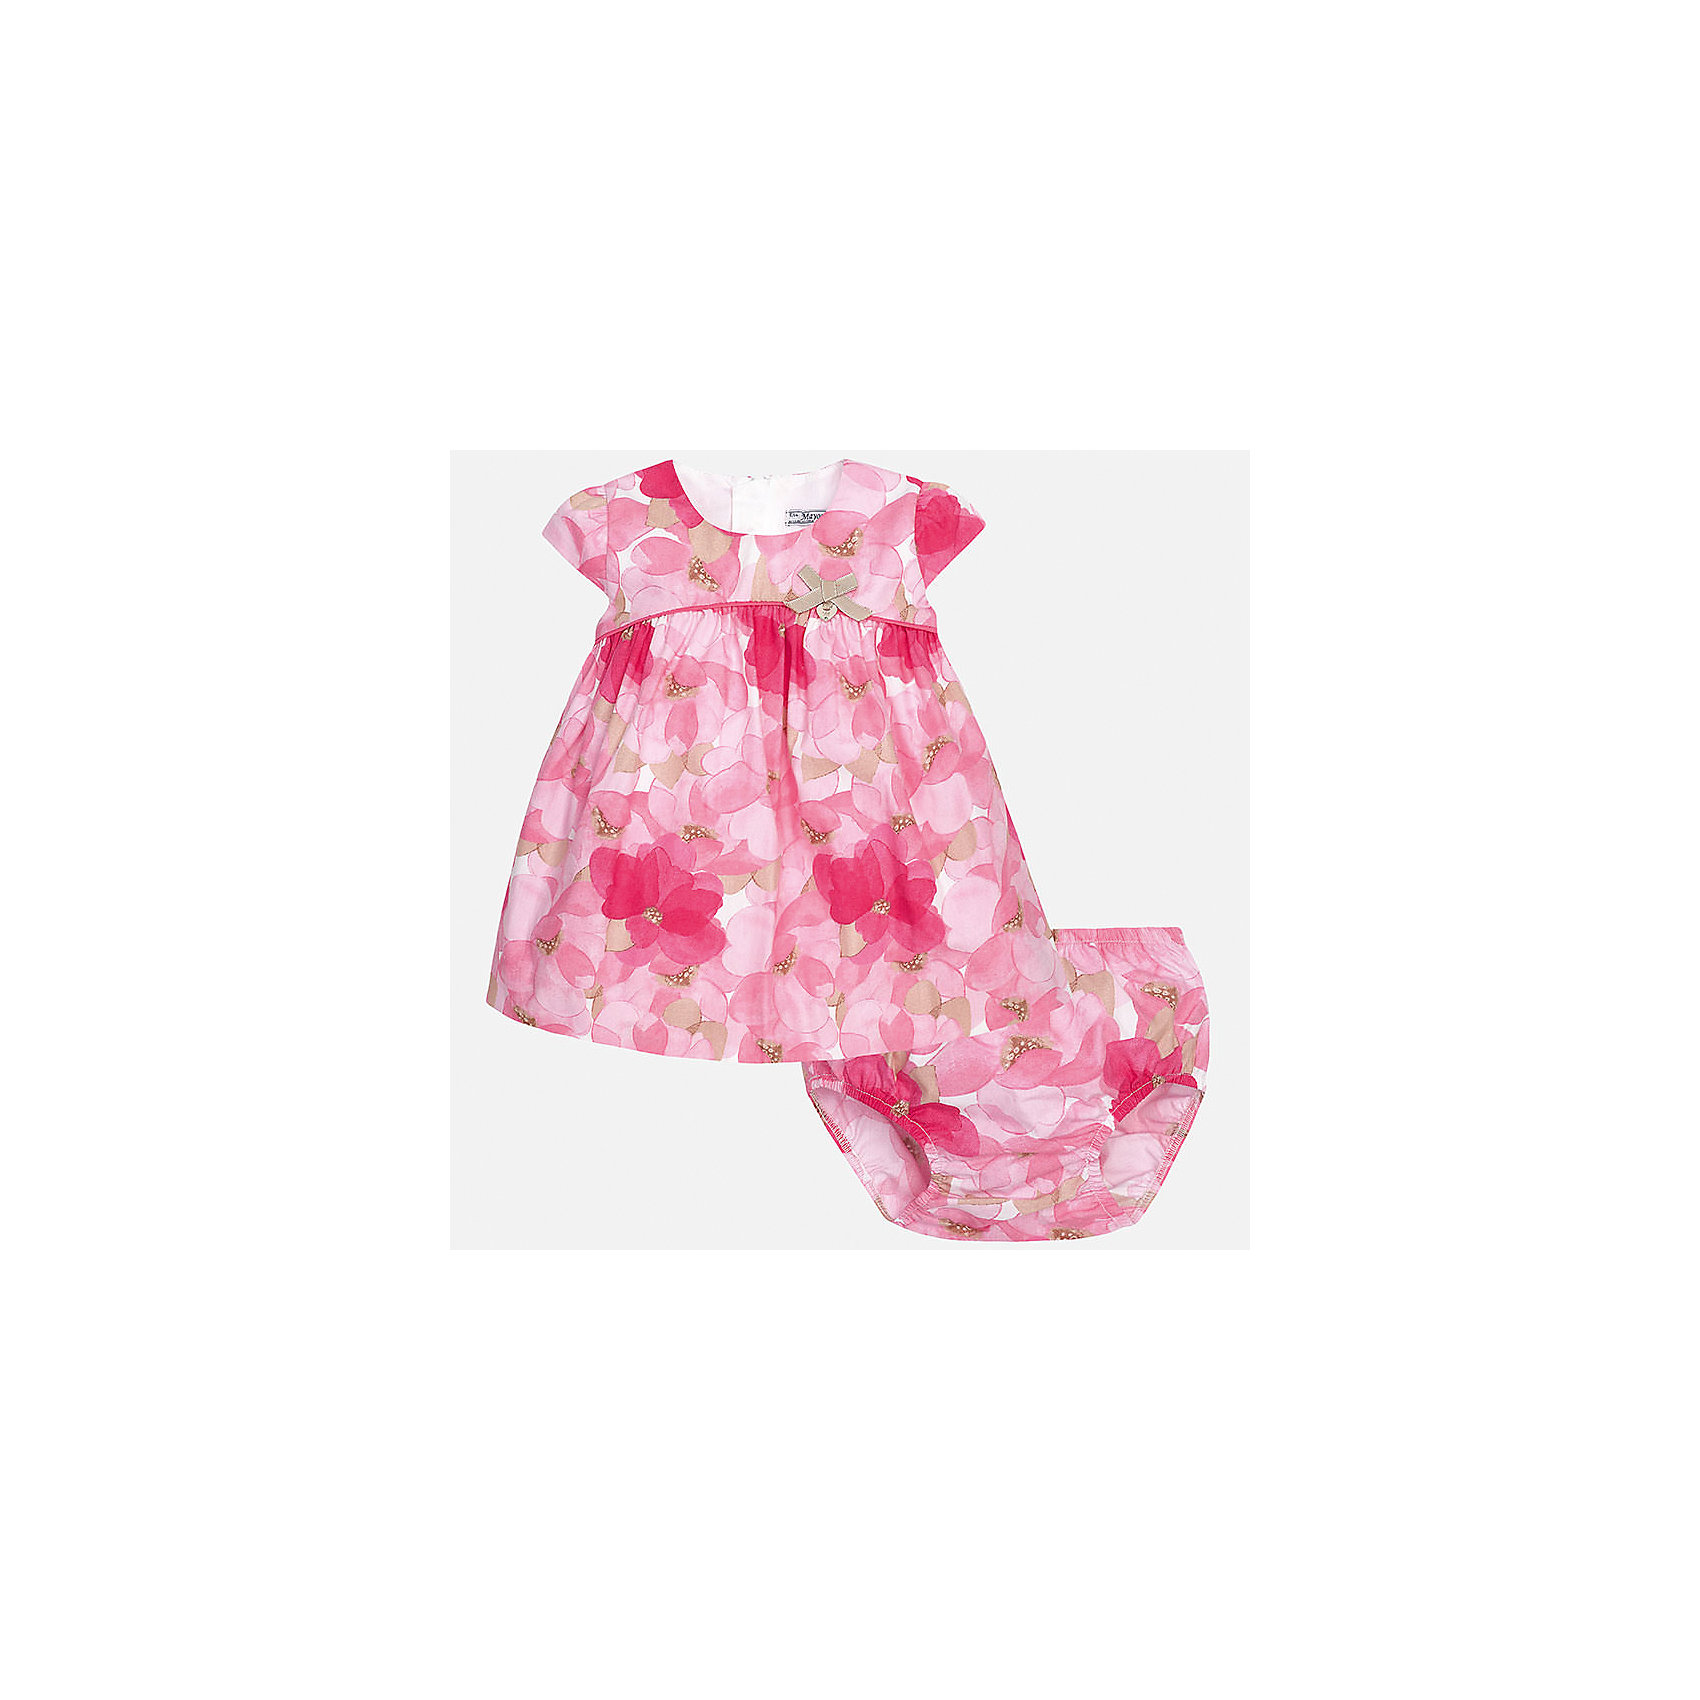 Платье для девочки MayoralОдежда<br>Характеристики товара:<br><br>• цвет: розовый<br>• состав: 100% хлопок, подкладка - 65% полиэстер, 35% хлопок<br>• застежка: молния<br>• легкий материал<br>• украшено принтом<br>• в комплекте - трусы<br>• с подкладкой<br>• короткие рукава<br>• страна бренда: Испания<br><br>Красивое легкое платье для девочки поможет разнообразить гардероб ребенка и создать эффектный наряд. Оно подойдет и для торжественных случаев, может быть и как ежедневный наряд. Красивый оттенок позволяет подобрать к вещи обувь разных расцветок. В составе материала подкладки - натуральный хлопок, гипоаллергенный, приятный на ощупь, дышащий. Платье хорошо сидит по фигуре.<br><br>Одежда, обувь и аксессуары от испанского бренда Mayoral полюбились детям и взрослым по всему миру. Модели этой марки - стильные и удобные. Для их производства используются только безопасные, качественные материалы и фурнитура. Порадуйте ребенка модными и красивыми вещами от Mayoral! <br><br>Платье для девочки от испанского бренда Mayoral (Майорал) можно купить в нашем интернет-магазине.<br><br>Ширина мм: 236<br>Глубина мм: 16<br>Высота мм: 184<br>Вес г: 177<br>Цвет: розовый<br>Возраст от месяцев: 6<br>Возраст до месяцев: 9<br>Пол: Женский<br>Возраст: Детский<br>Размер: 74,92,80,86<br>SKU: 5289178